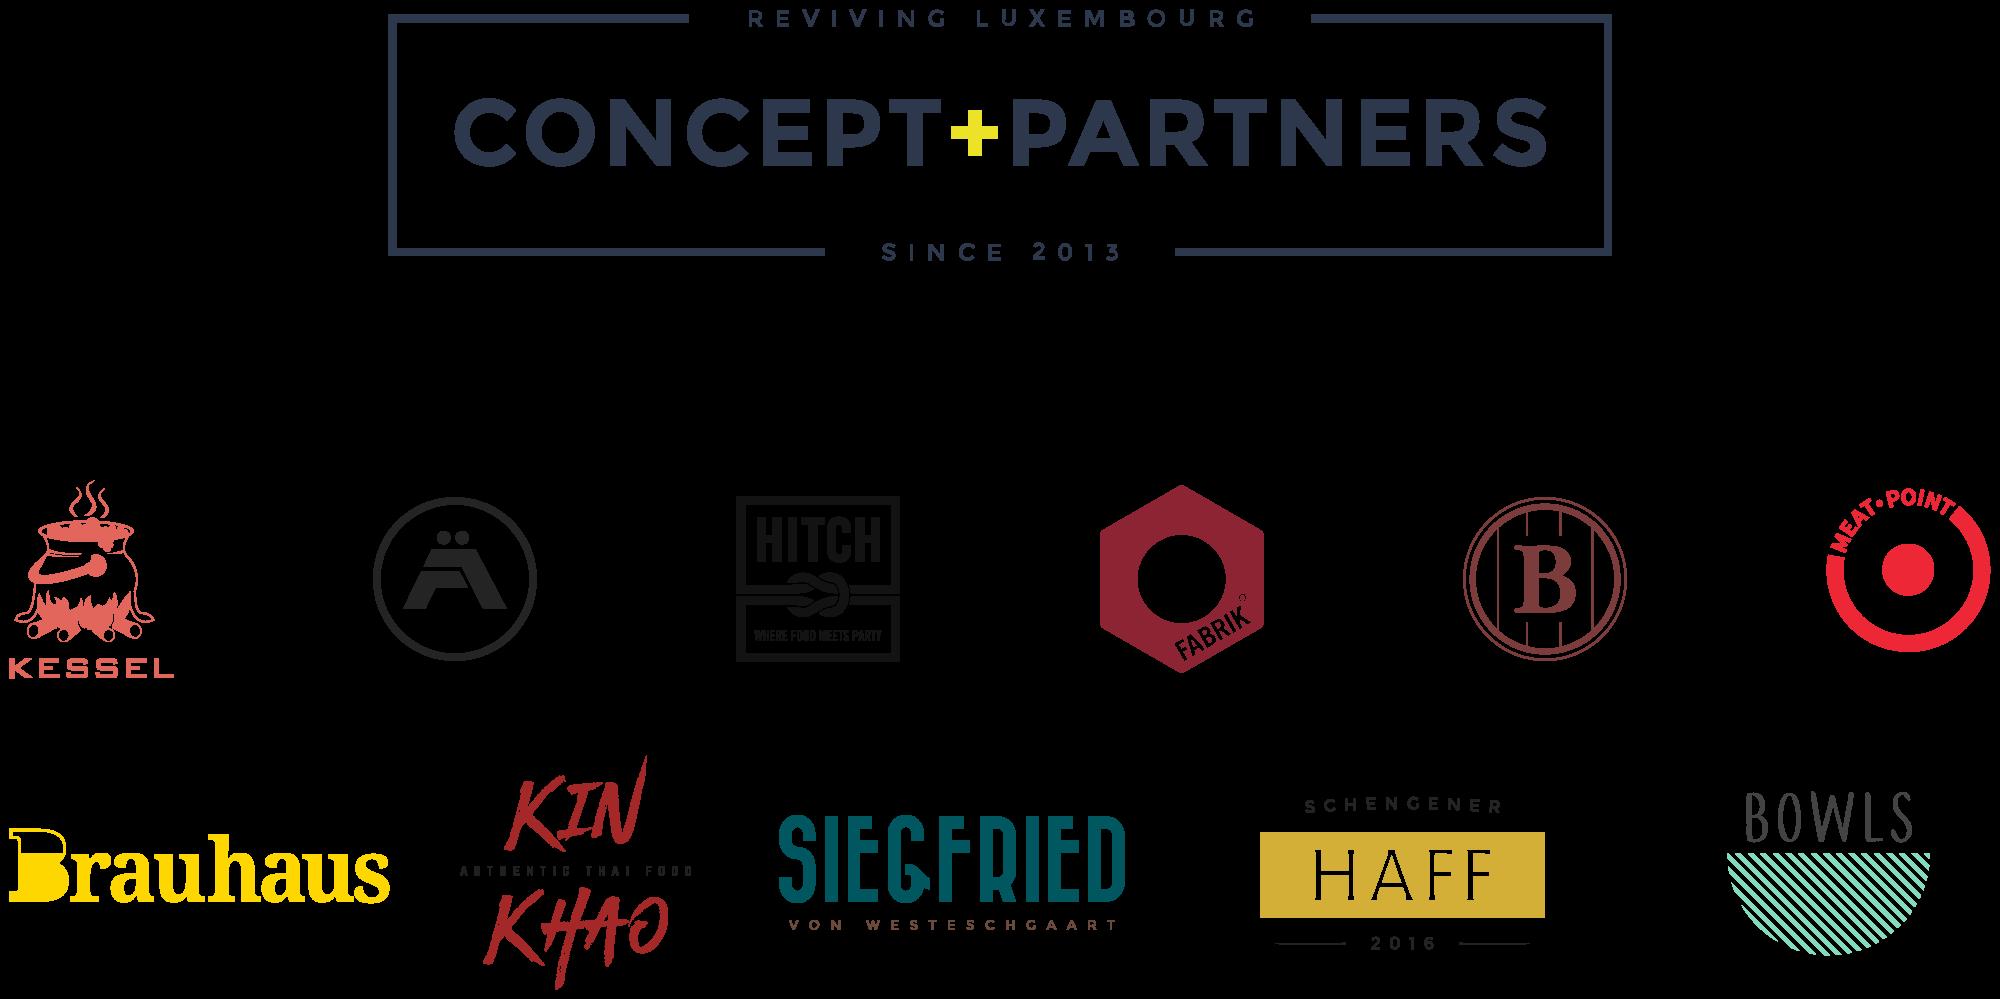 Concept+Partners